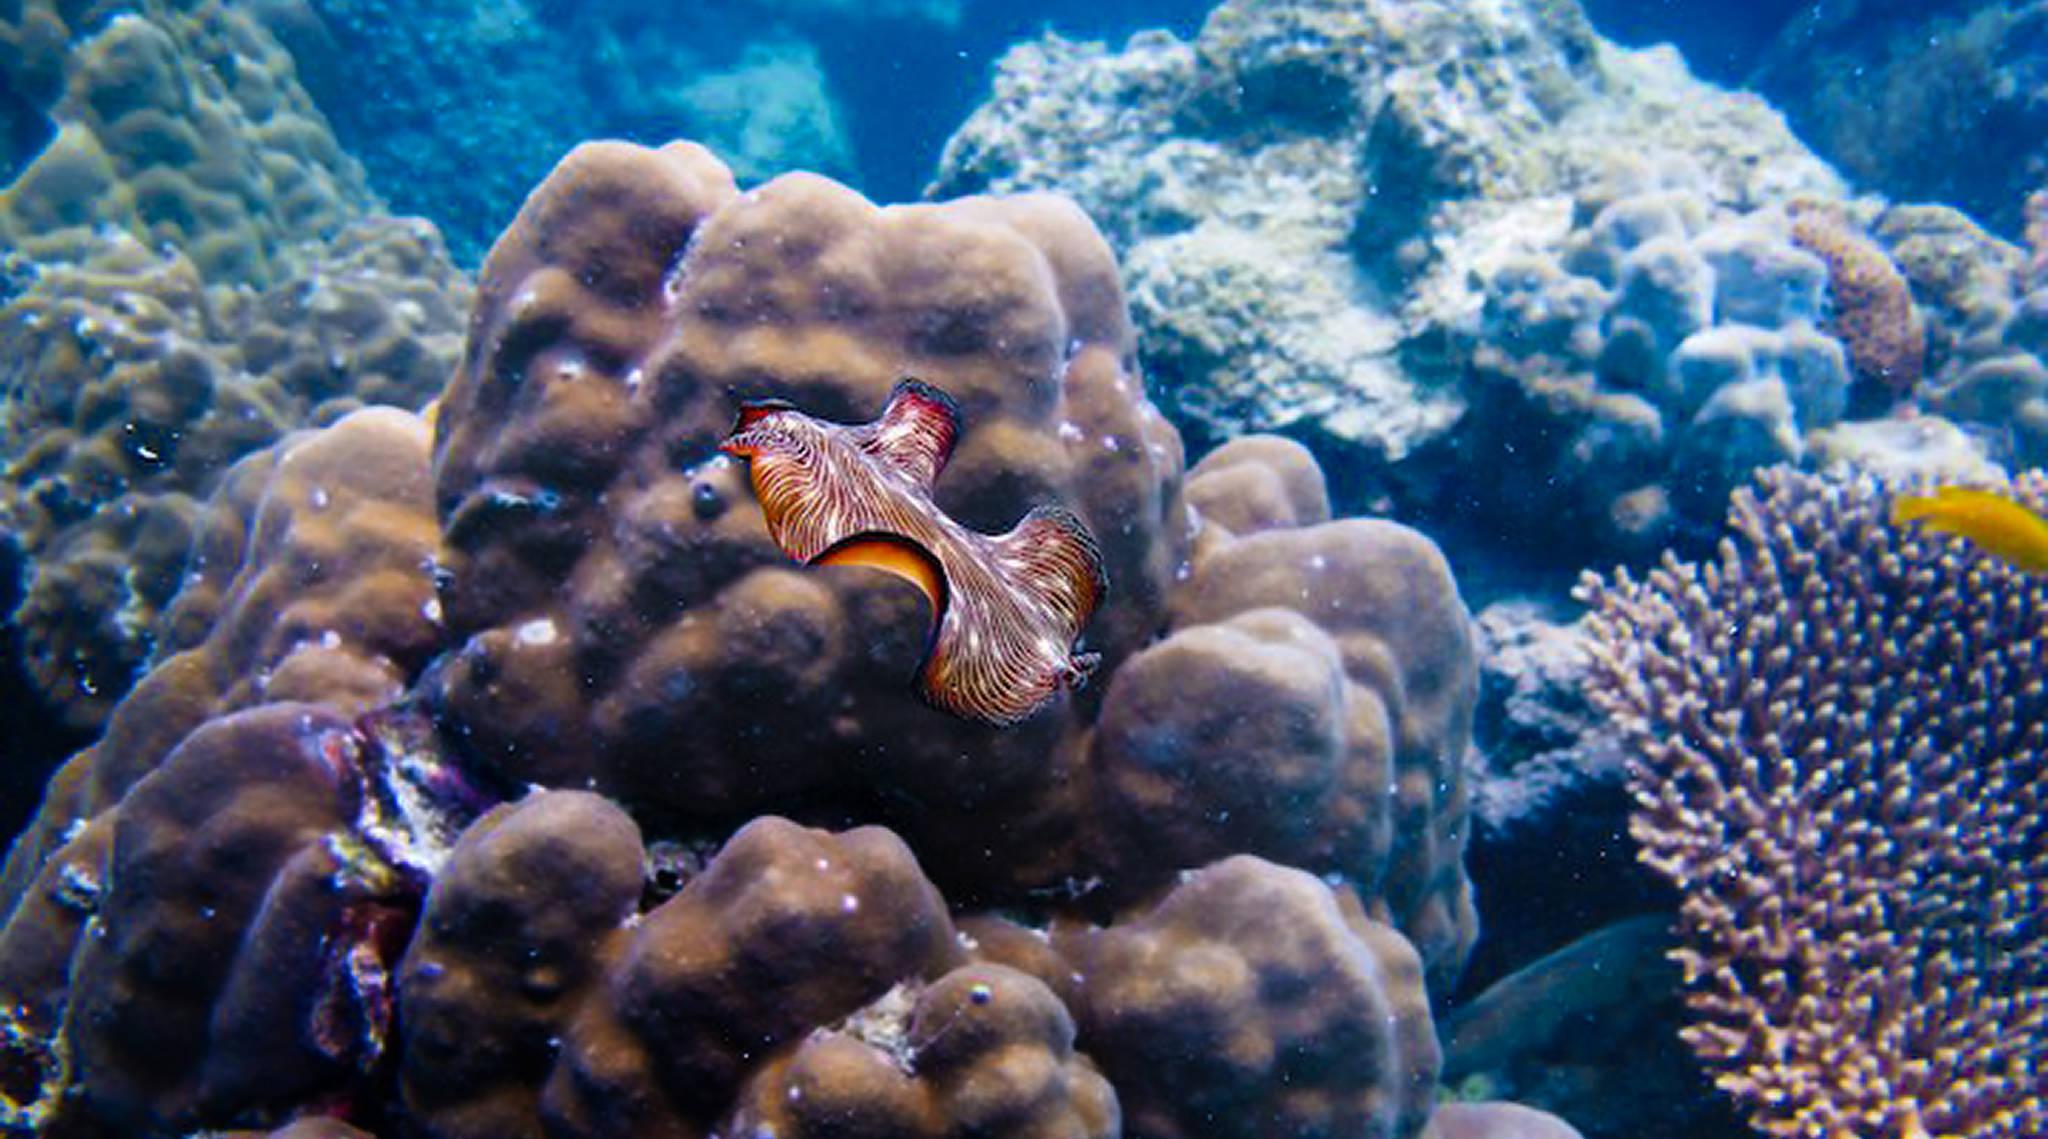 코타오 앞바다에는 신기한 해양생물이 많이 산다. [사진 태국관광청]